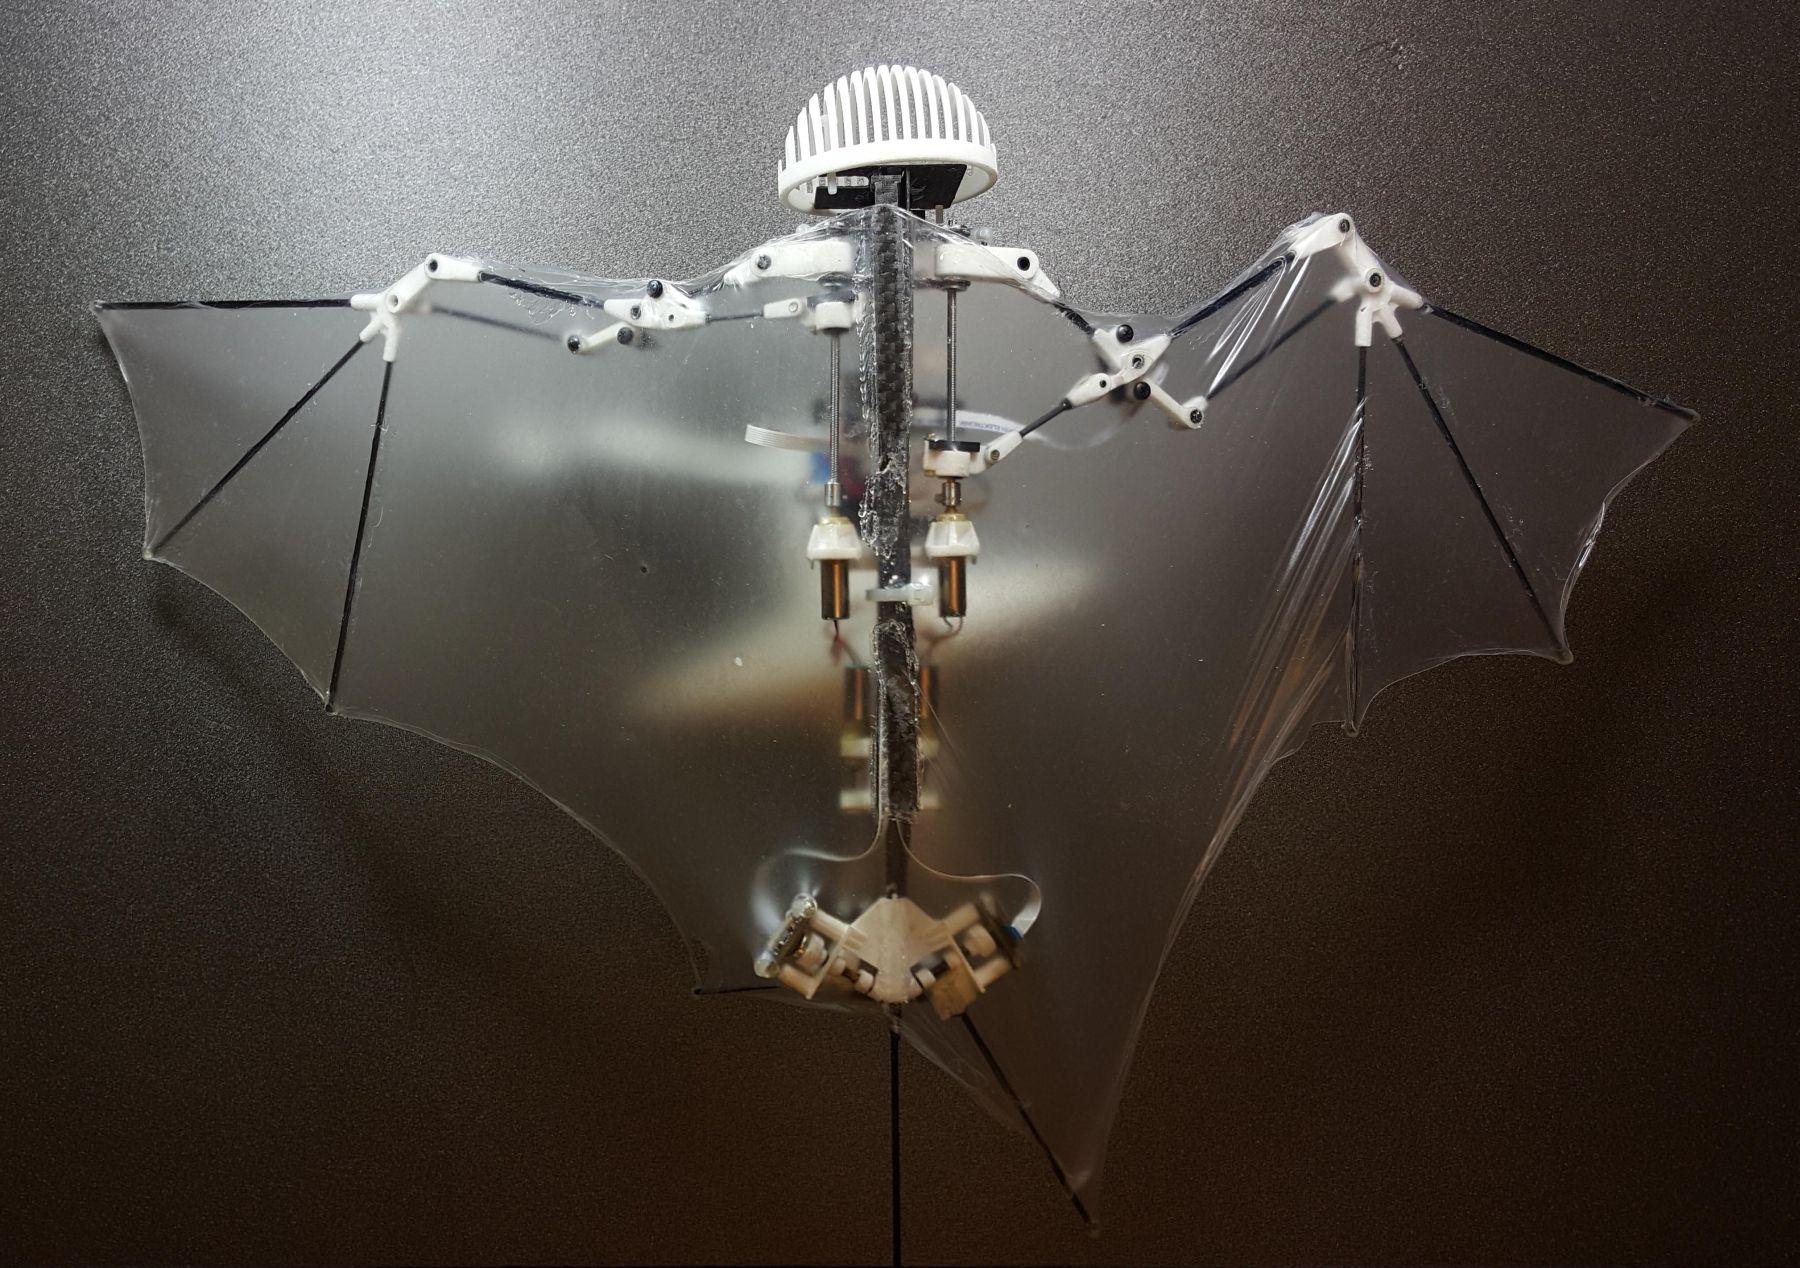 Un robot qui s'inspire des chauve-souris [VIDÉO]